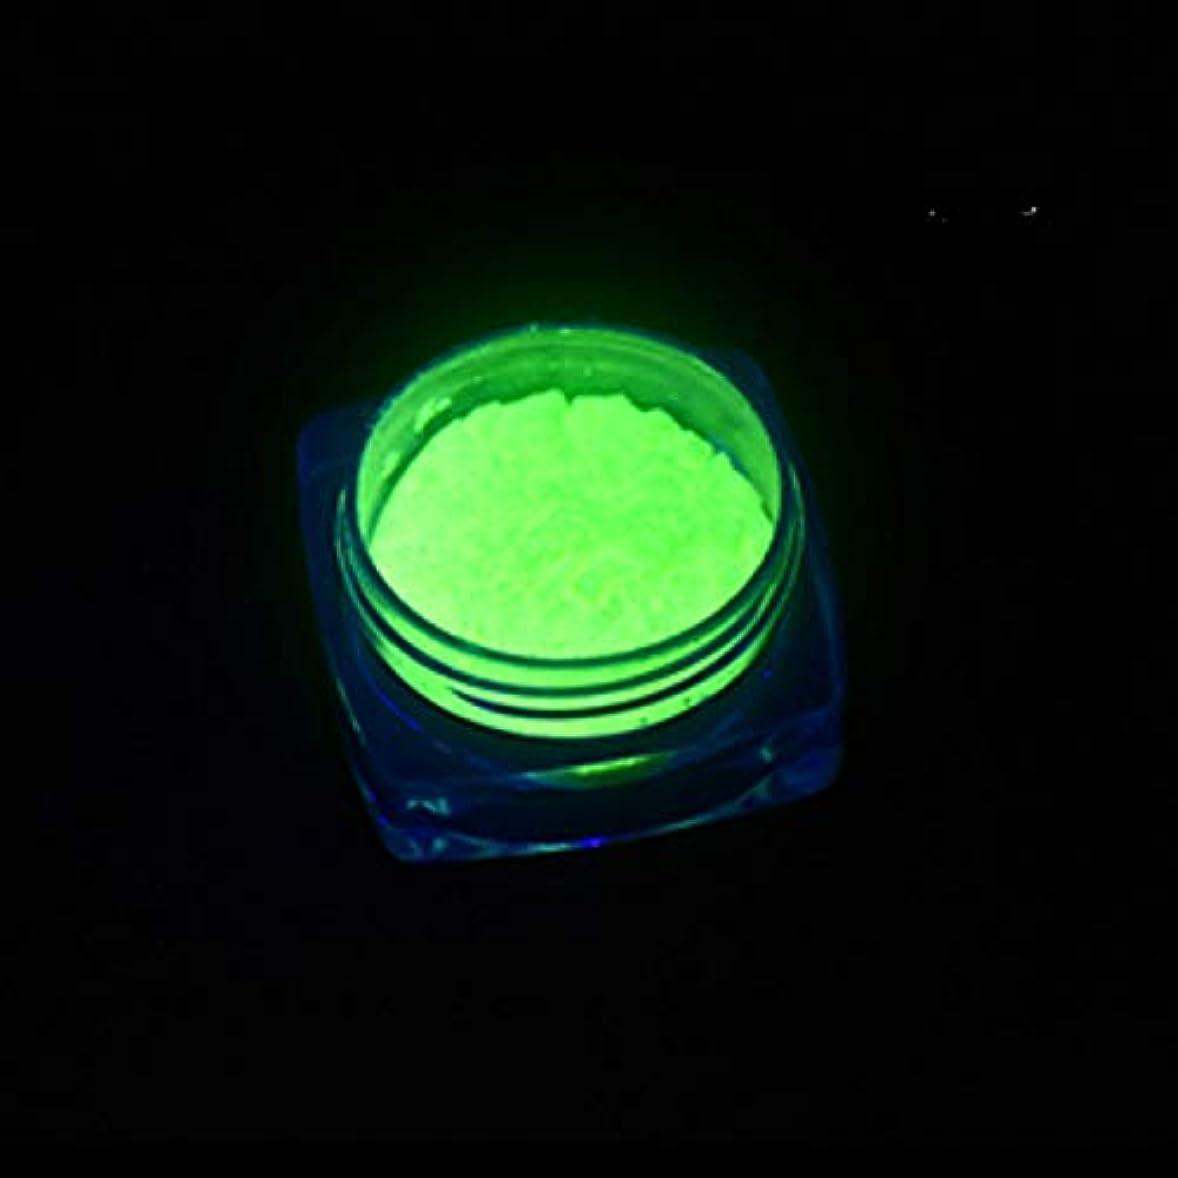 外側蜂合計ビューティー&パーソナルケア 3 PCSネオン蛍光体粉末ネイルグリッターパウダー ステッカー&デカール (色 : YGF09 Light Green)